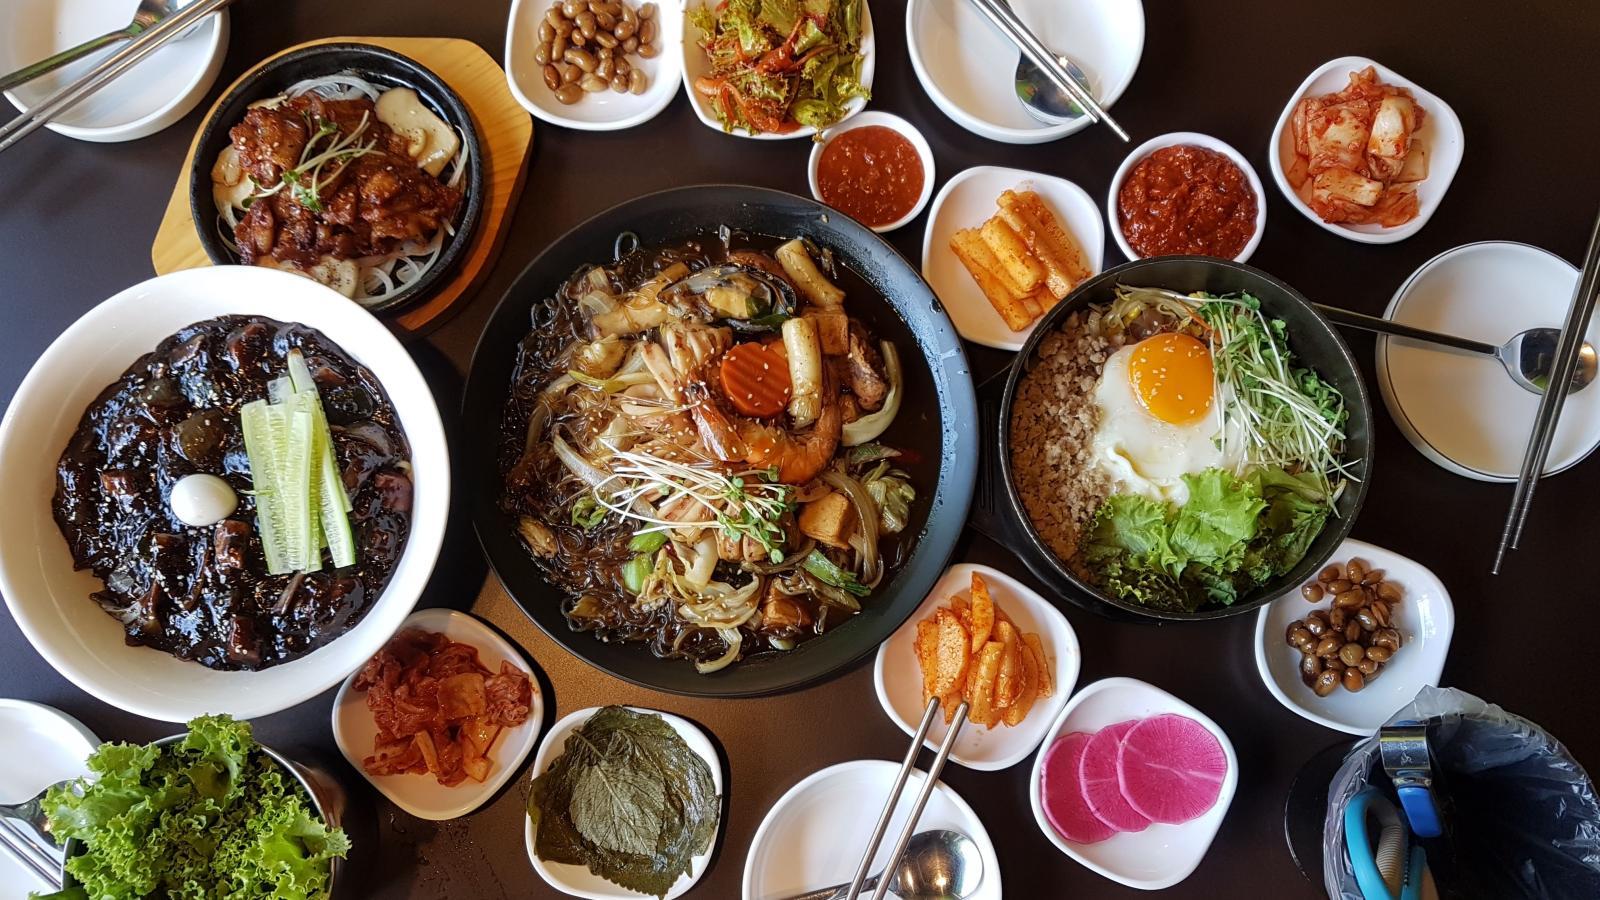 Top 5 Koreanrestaurants in Qatar